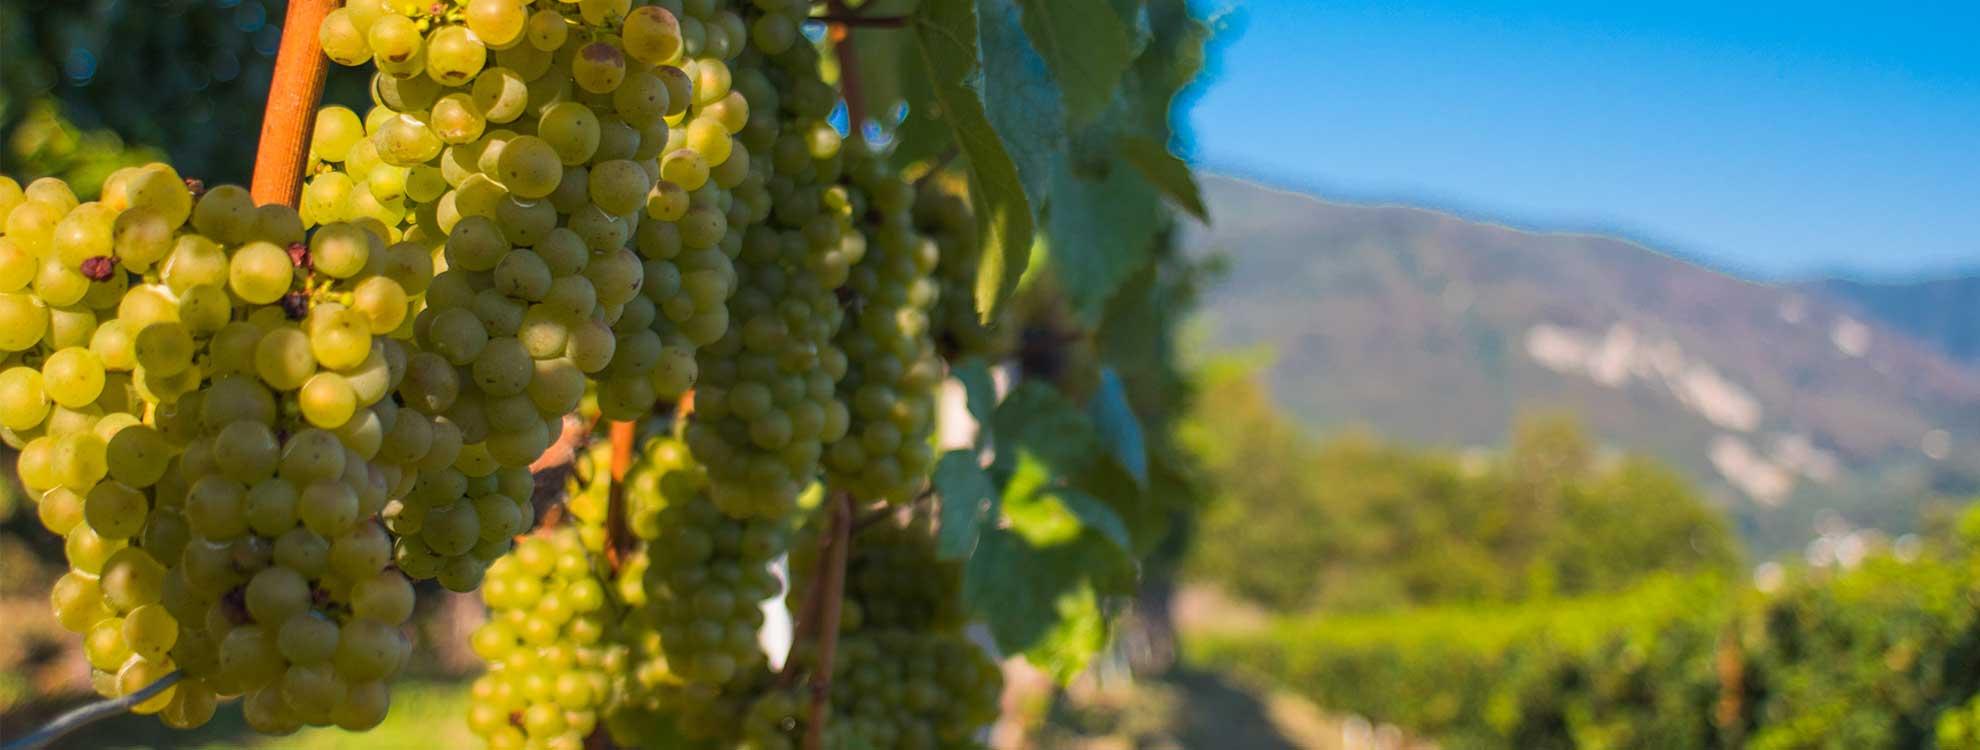 vino della rassegna gastronomica del mendrisiotto